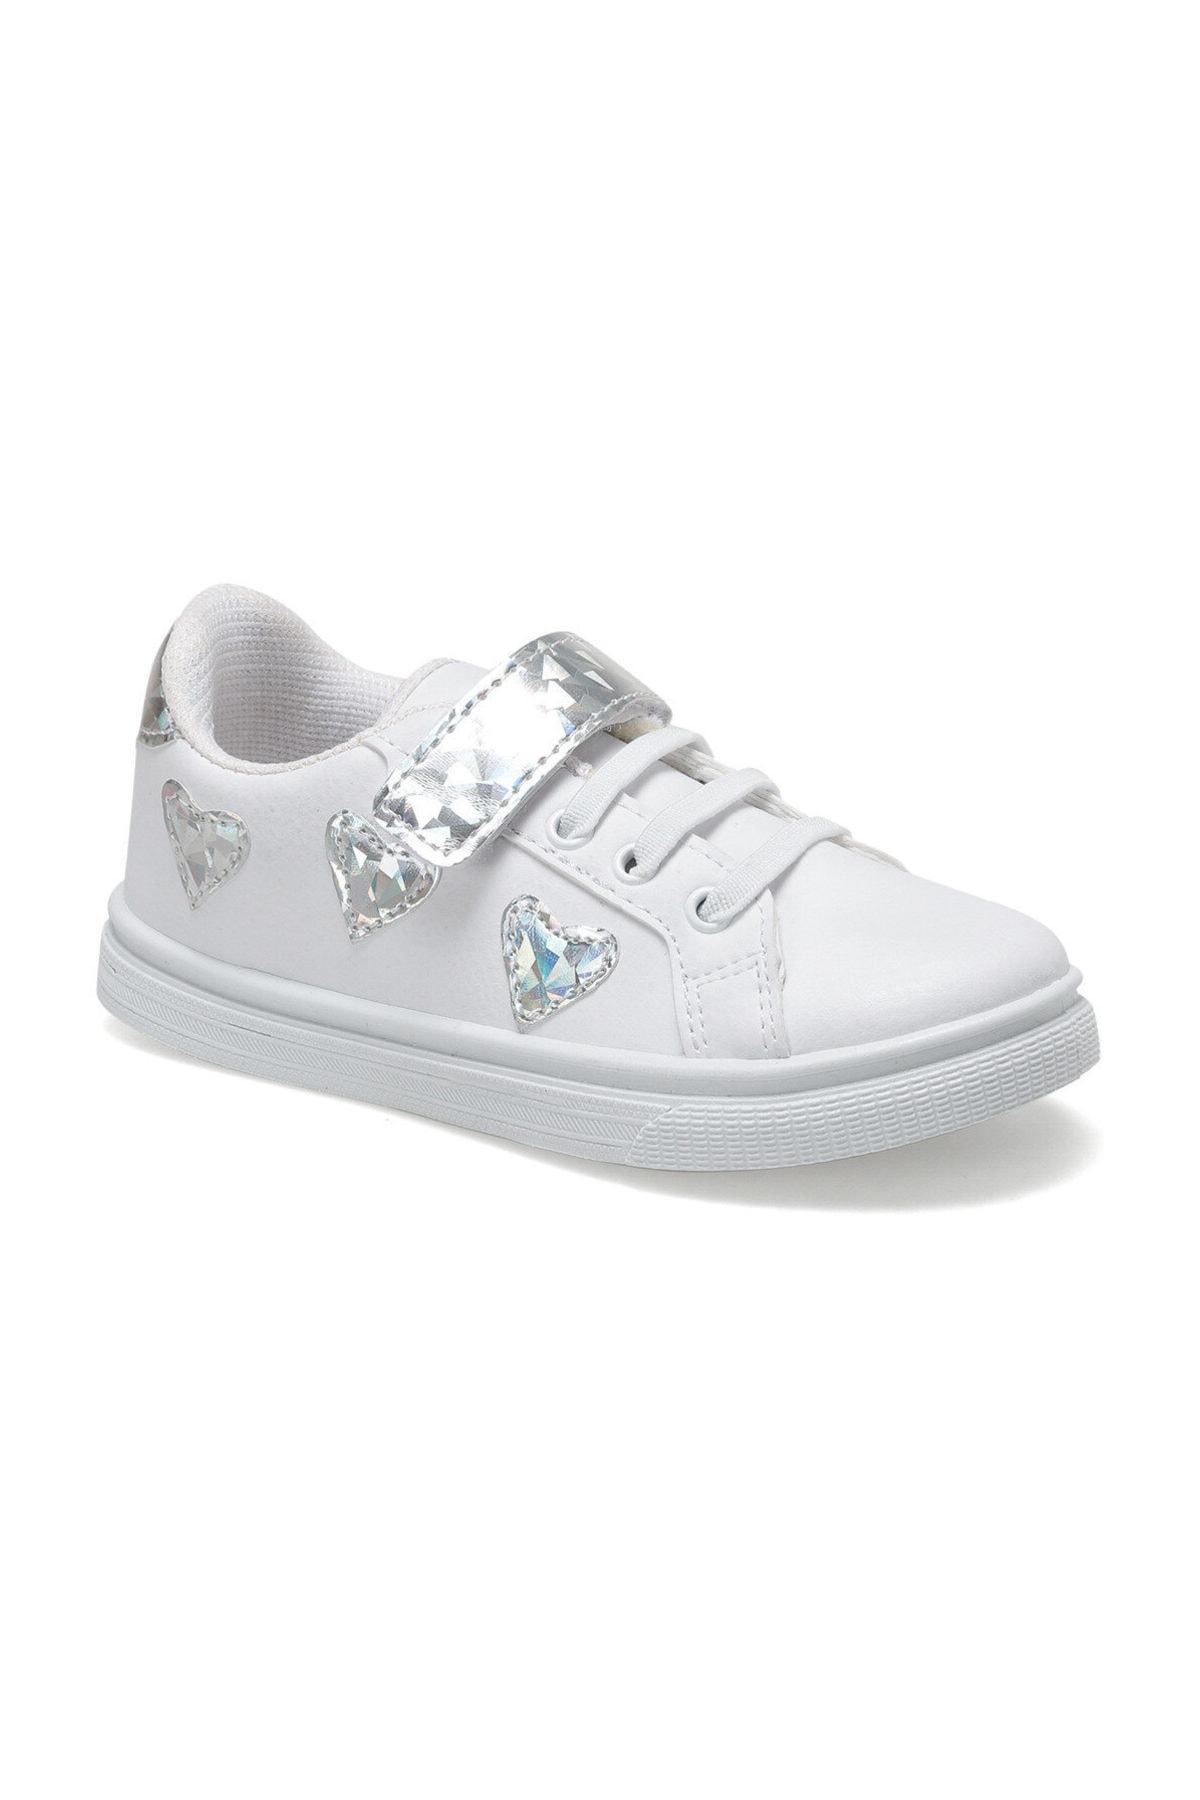 SEVENTEEN TRENDI Beyaz Kız Çocuk Sneaker Ayakkabı 100515651 1